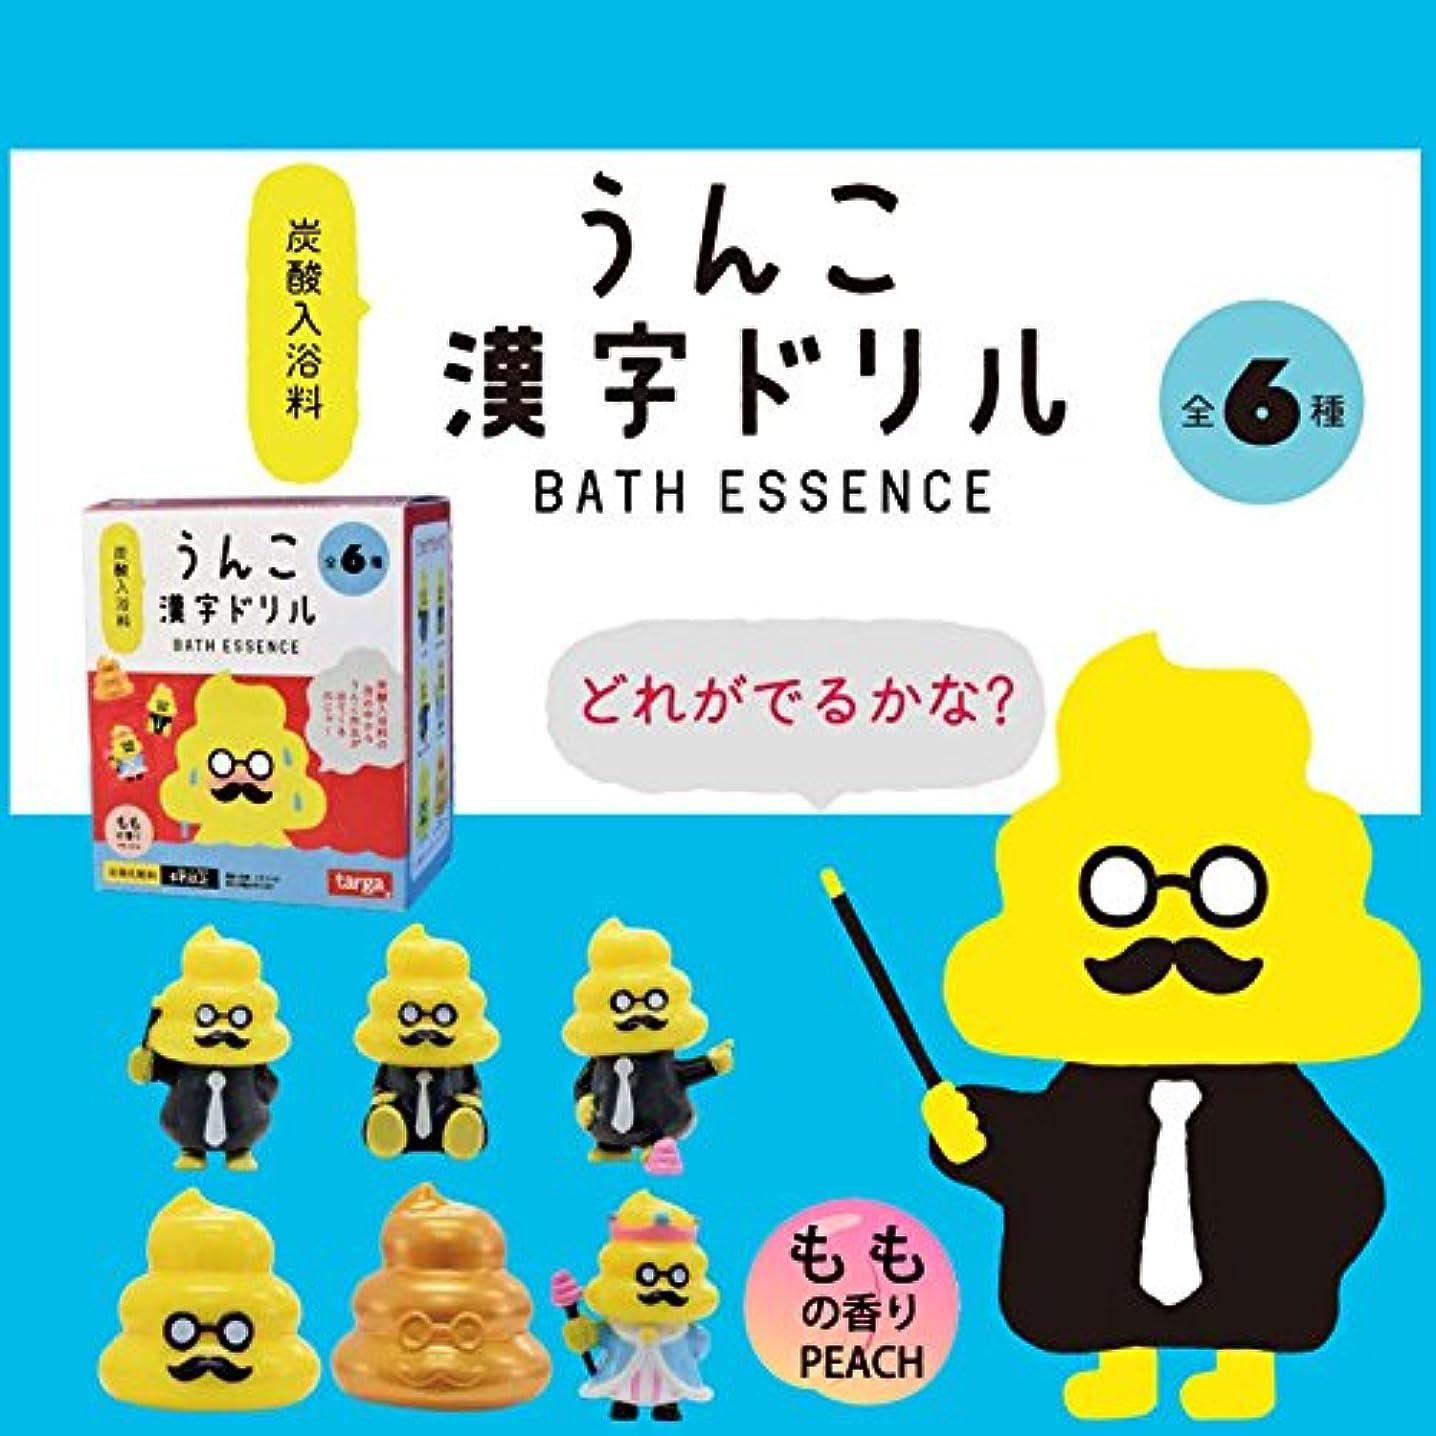 つぼみ振りかける仲間、同僚うんこ漢字ドリル 炭酸入浴料 6個1セット 入浴剤